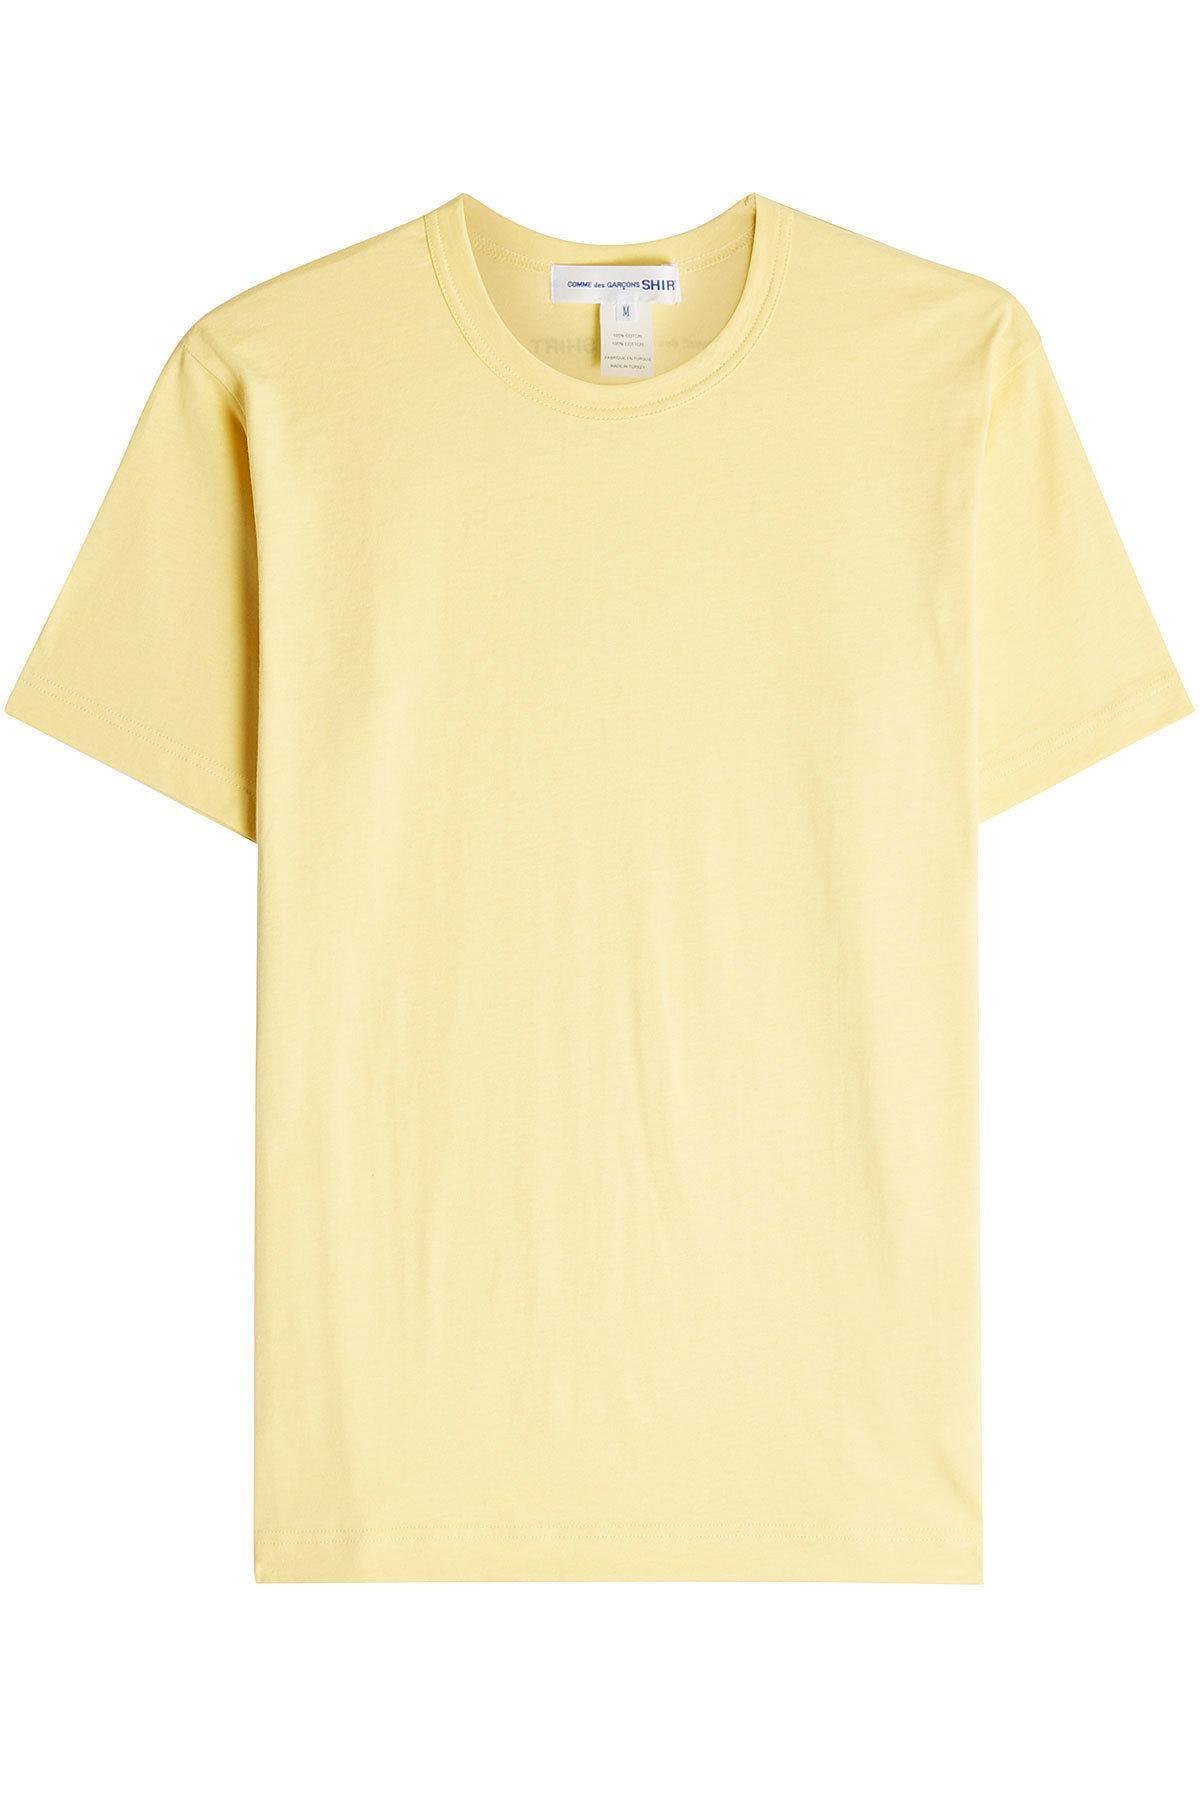 Comme Des GarÇOns Shirt Cotton T-Shirt In Yellow